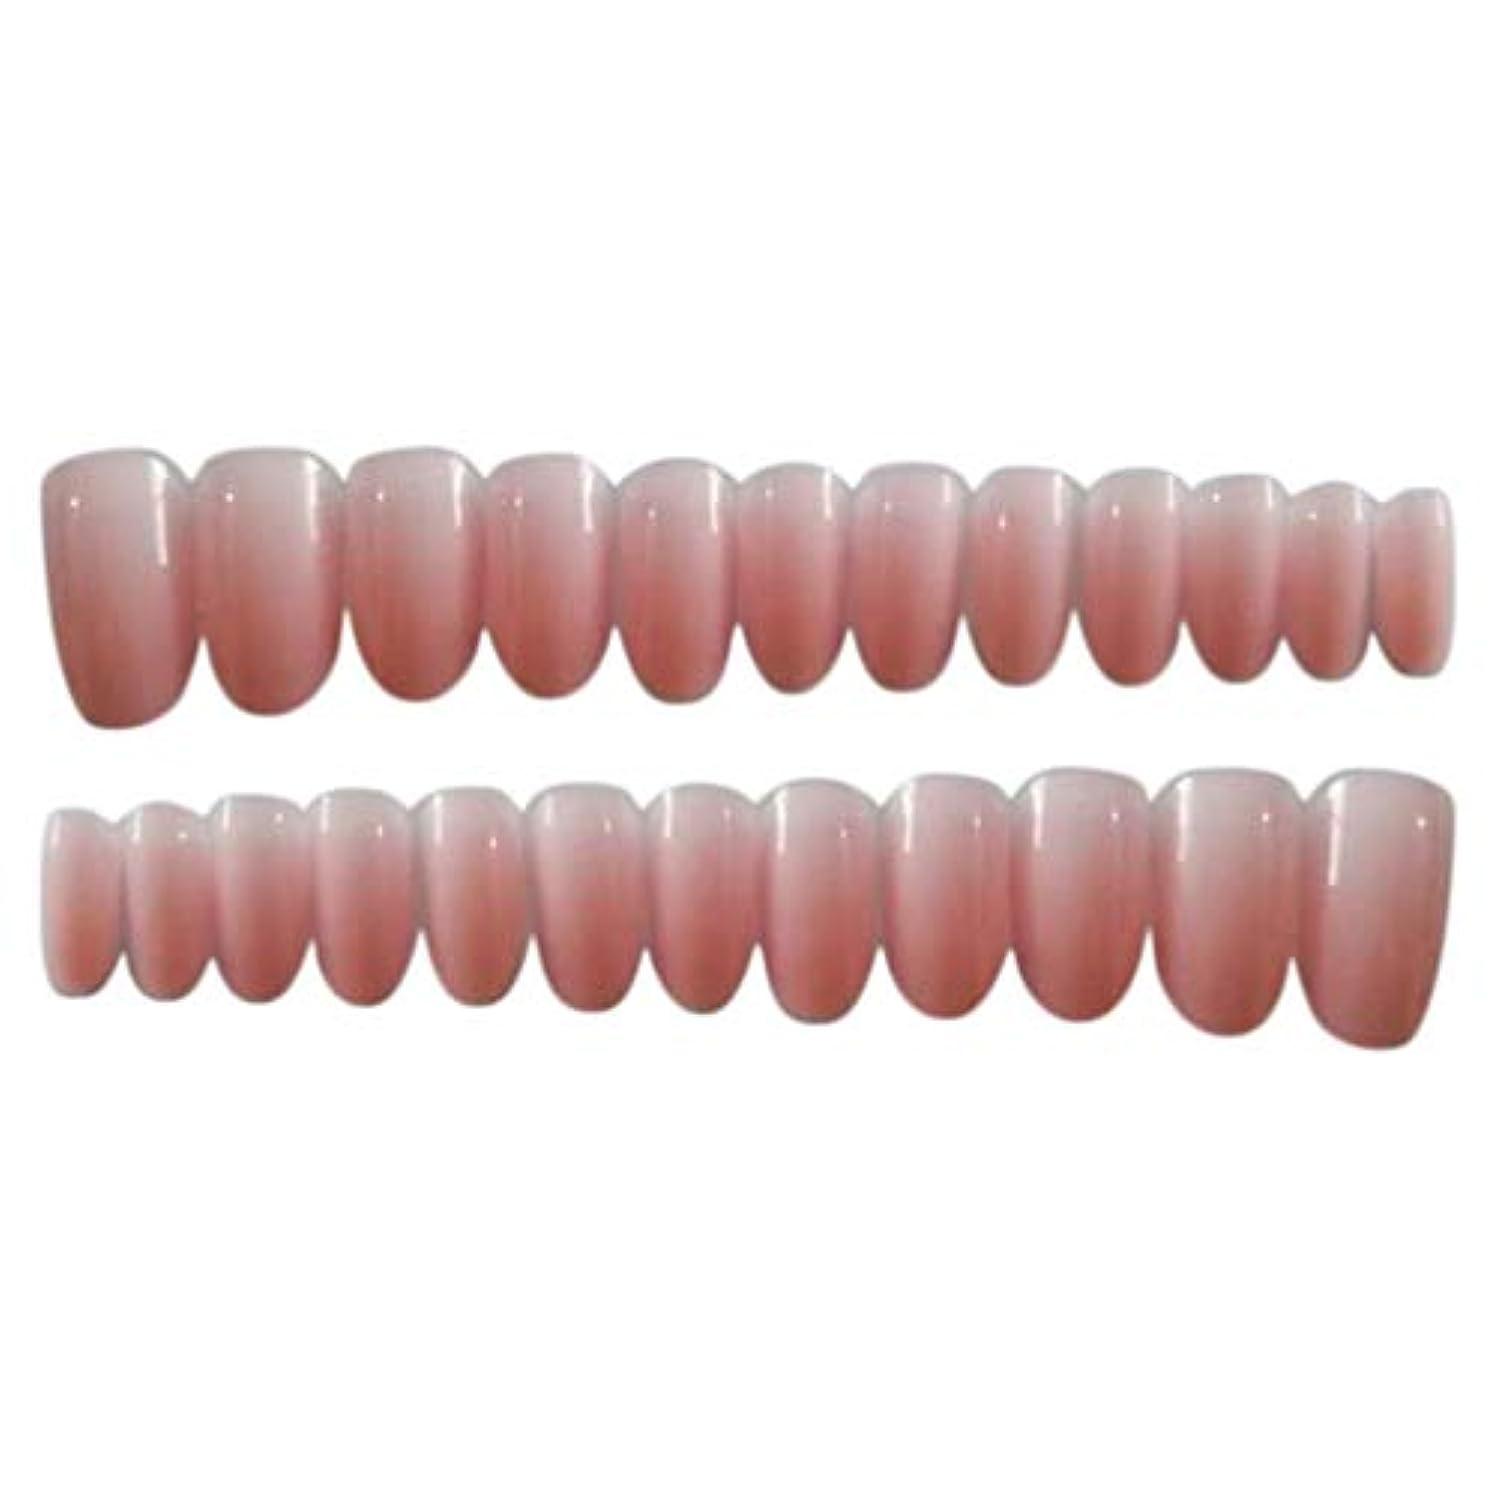 ツイン覗く取り付けT TOOYFUL ネイルチップ 夏の 無地 透明 ゼリー ピンク 可愛い ウェディング ブライダル 優雅 短い 24枚